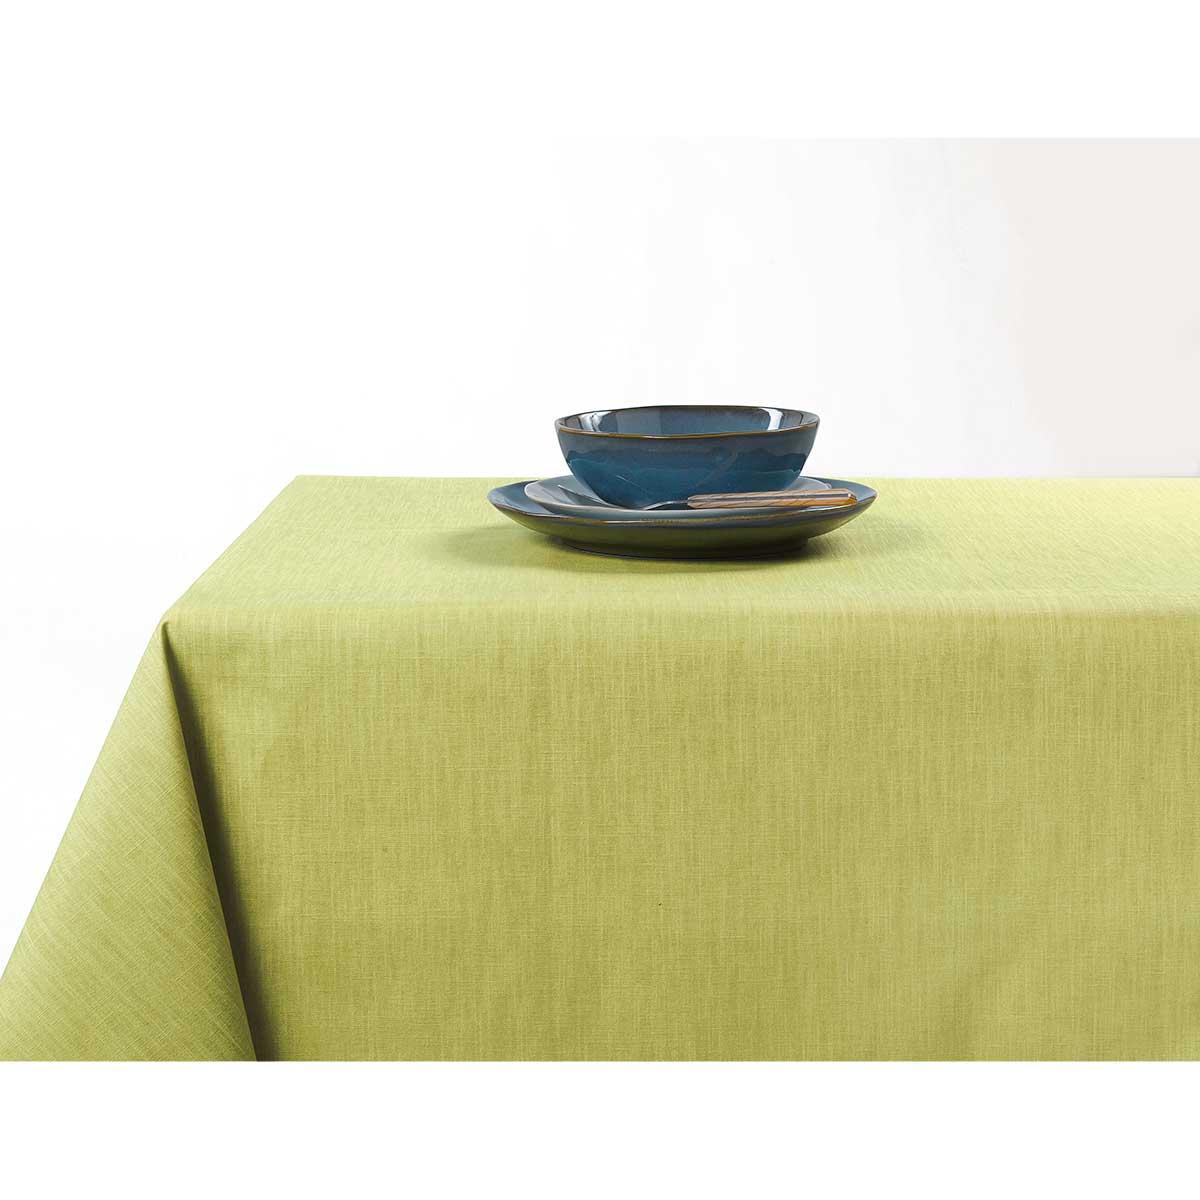 Nappe enduite anti taches aux couleurs acidulées - Vert clair - 150 x 200 cm